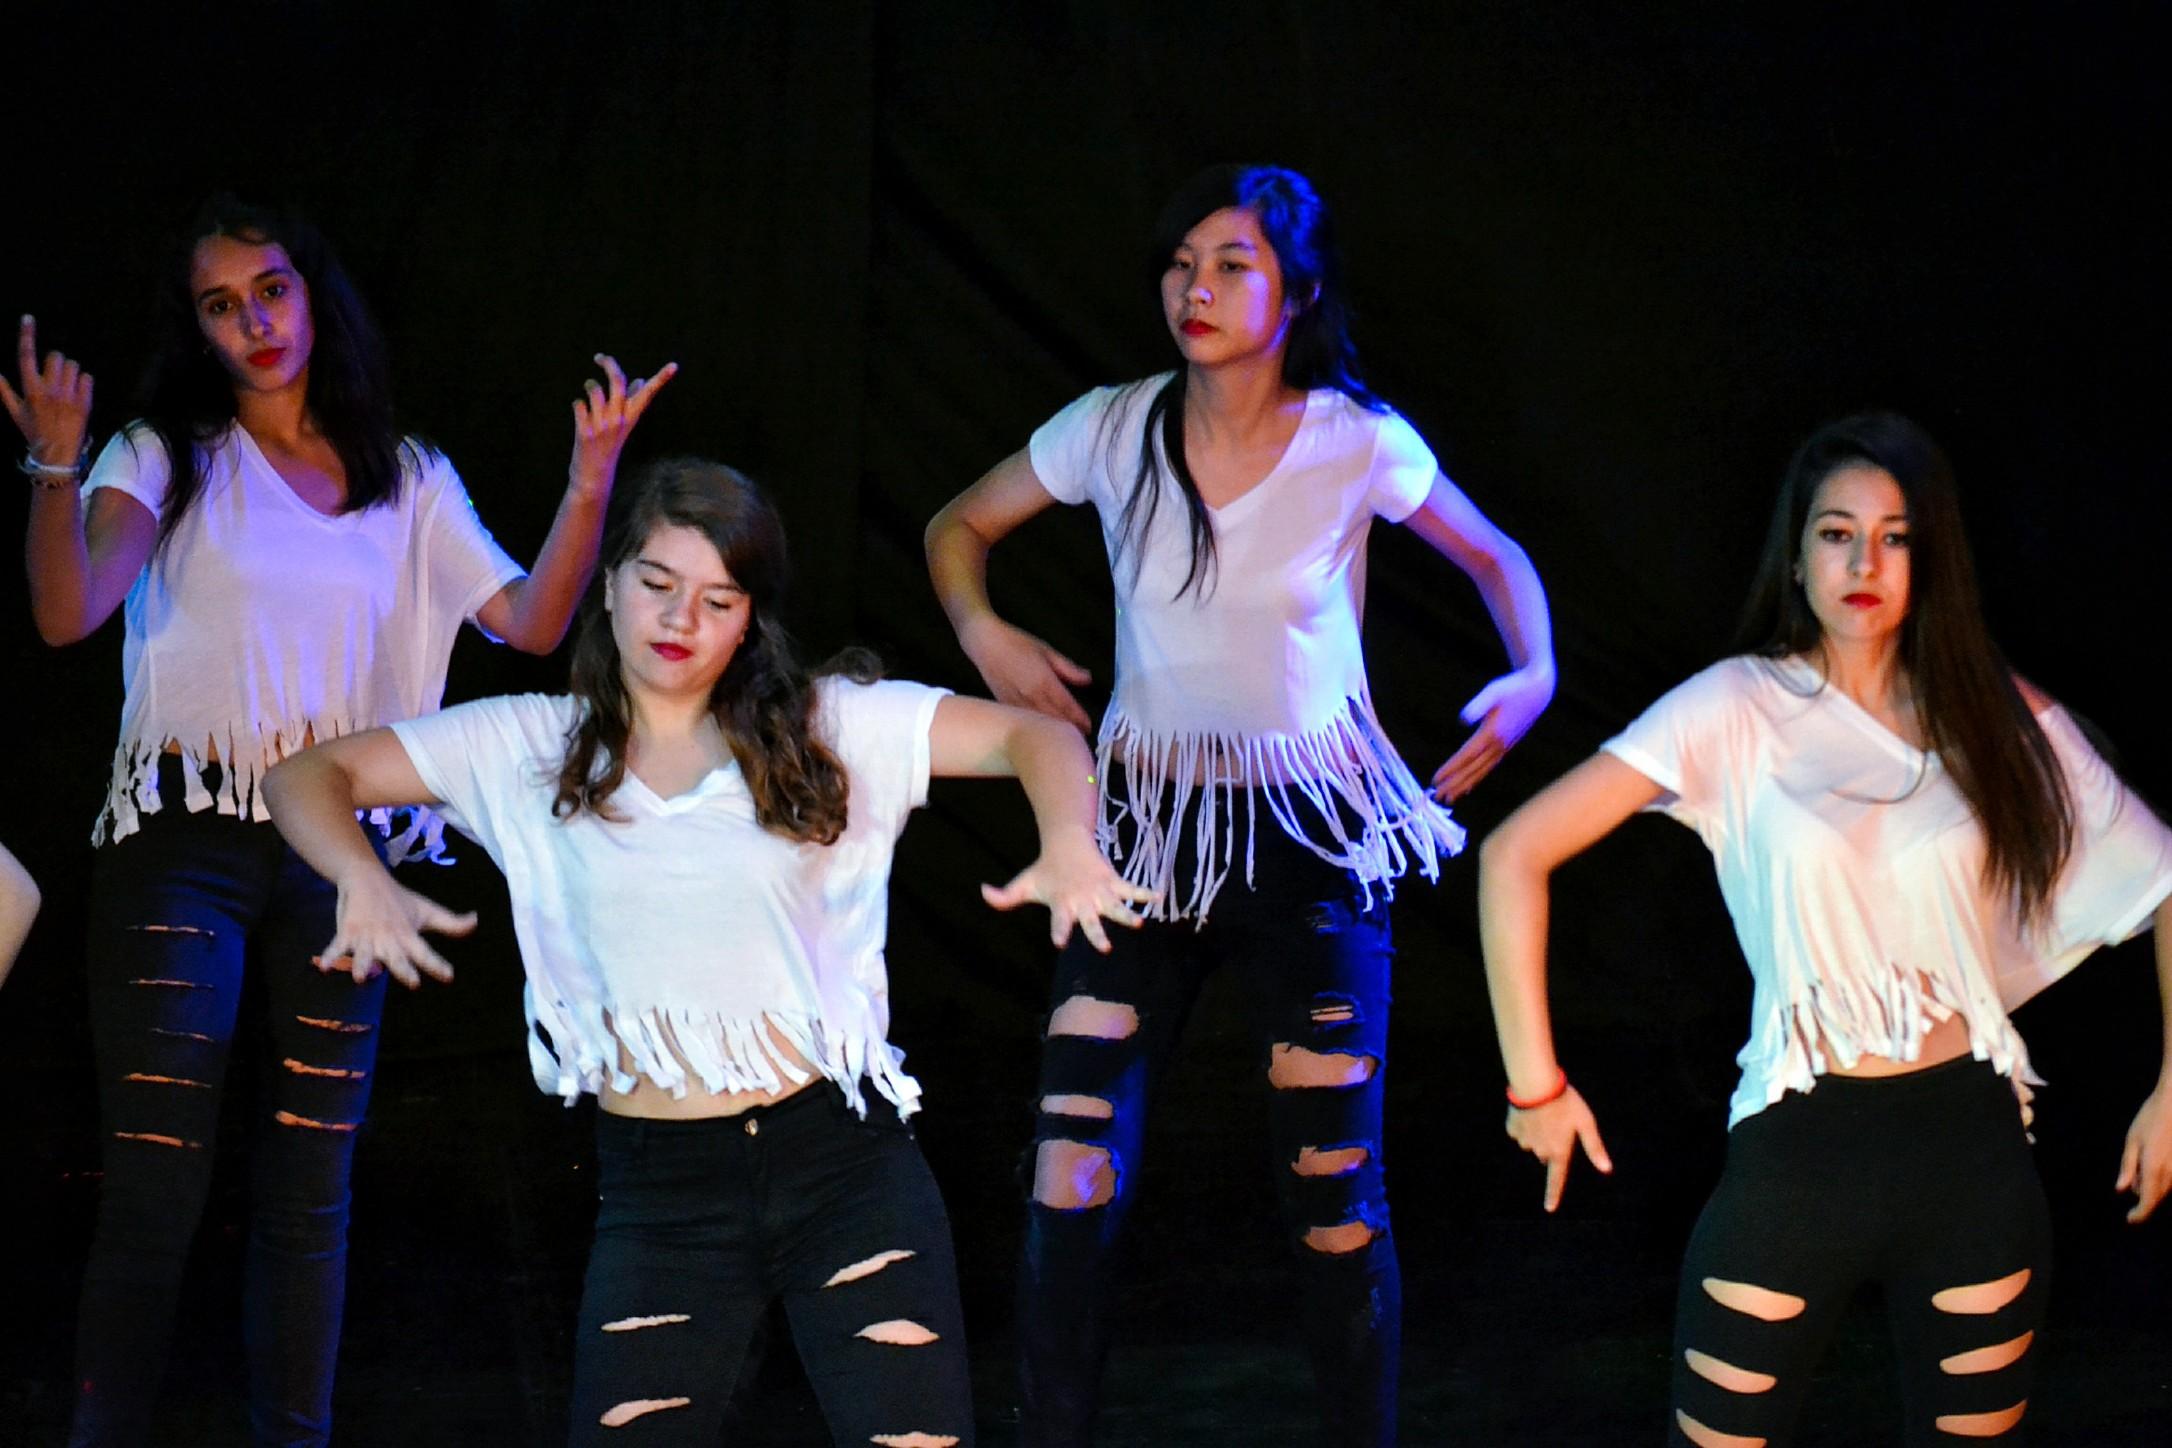 Linea-de-Baile-festival-verano-2015-clases-de-baile-valencia-84